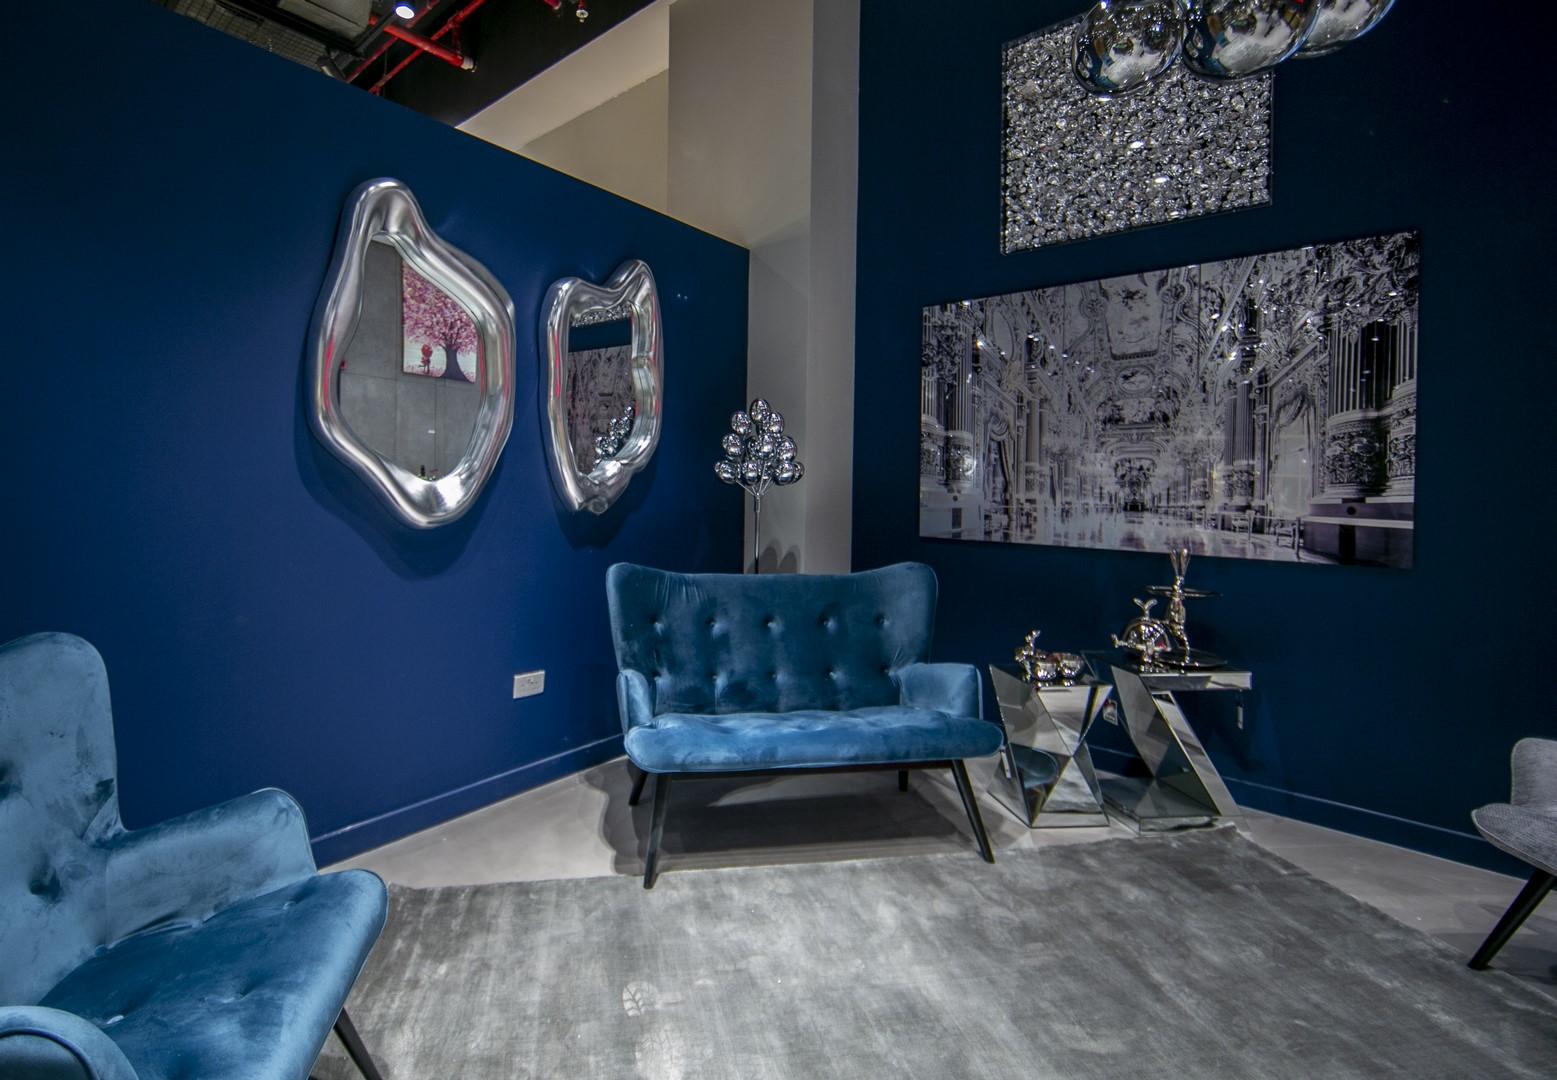 KARE تطلق أول متجر لها في الإمارات في فيستيفال بلازا دبي